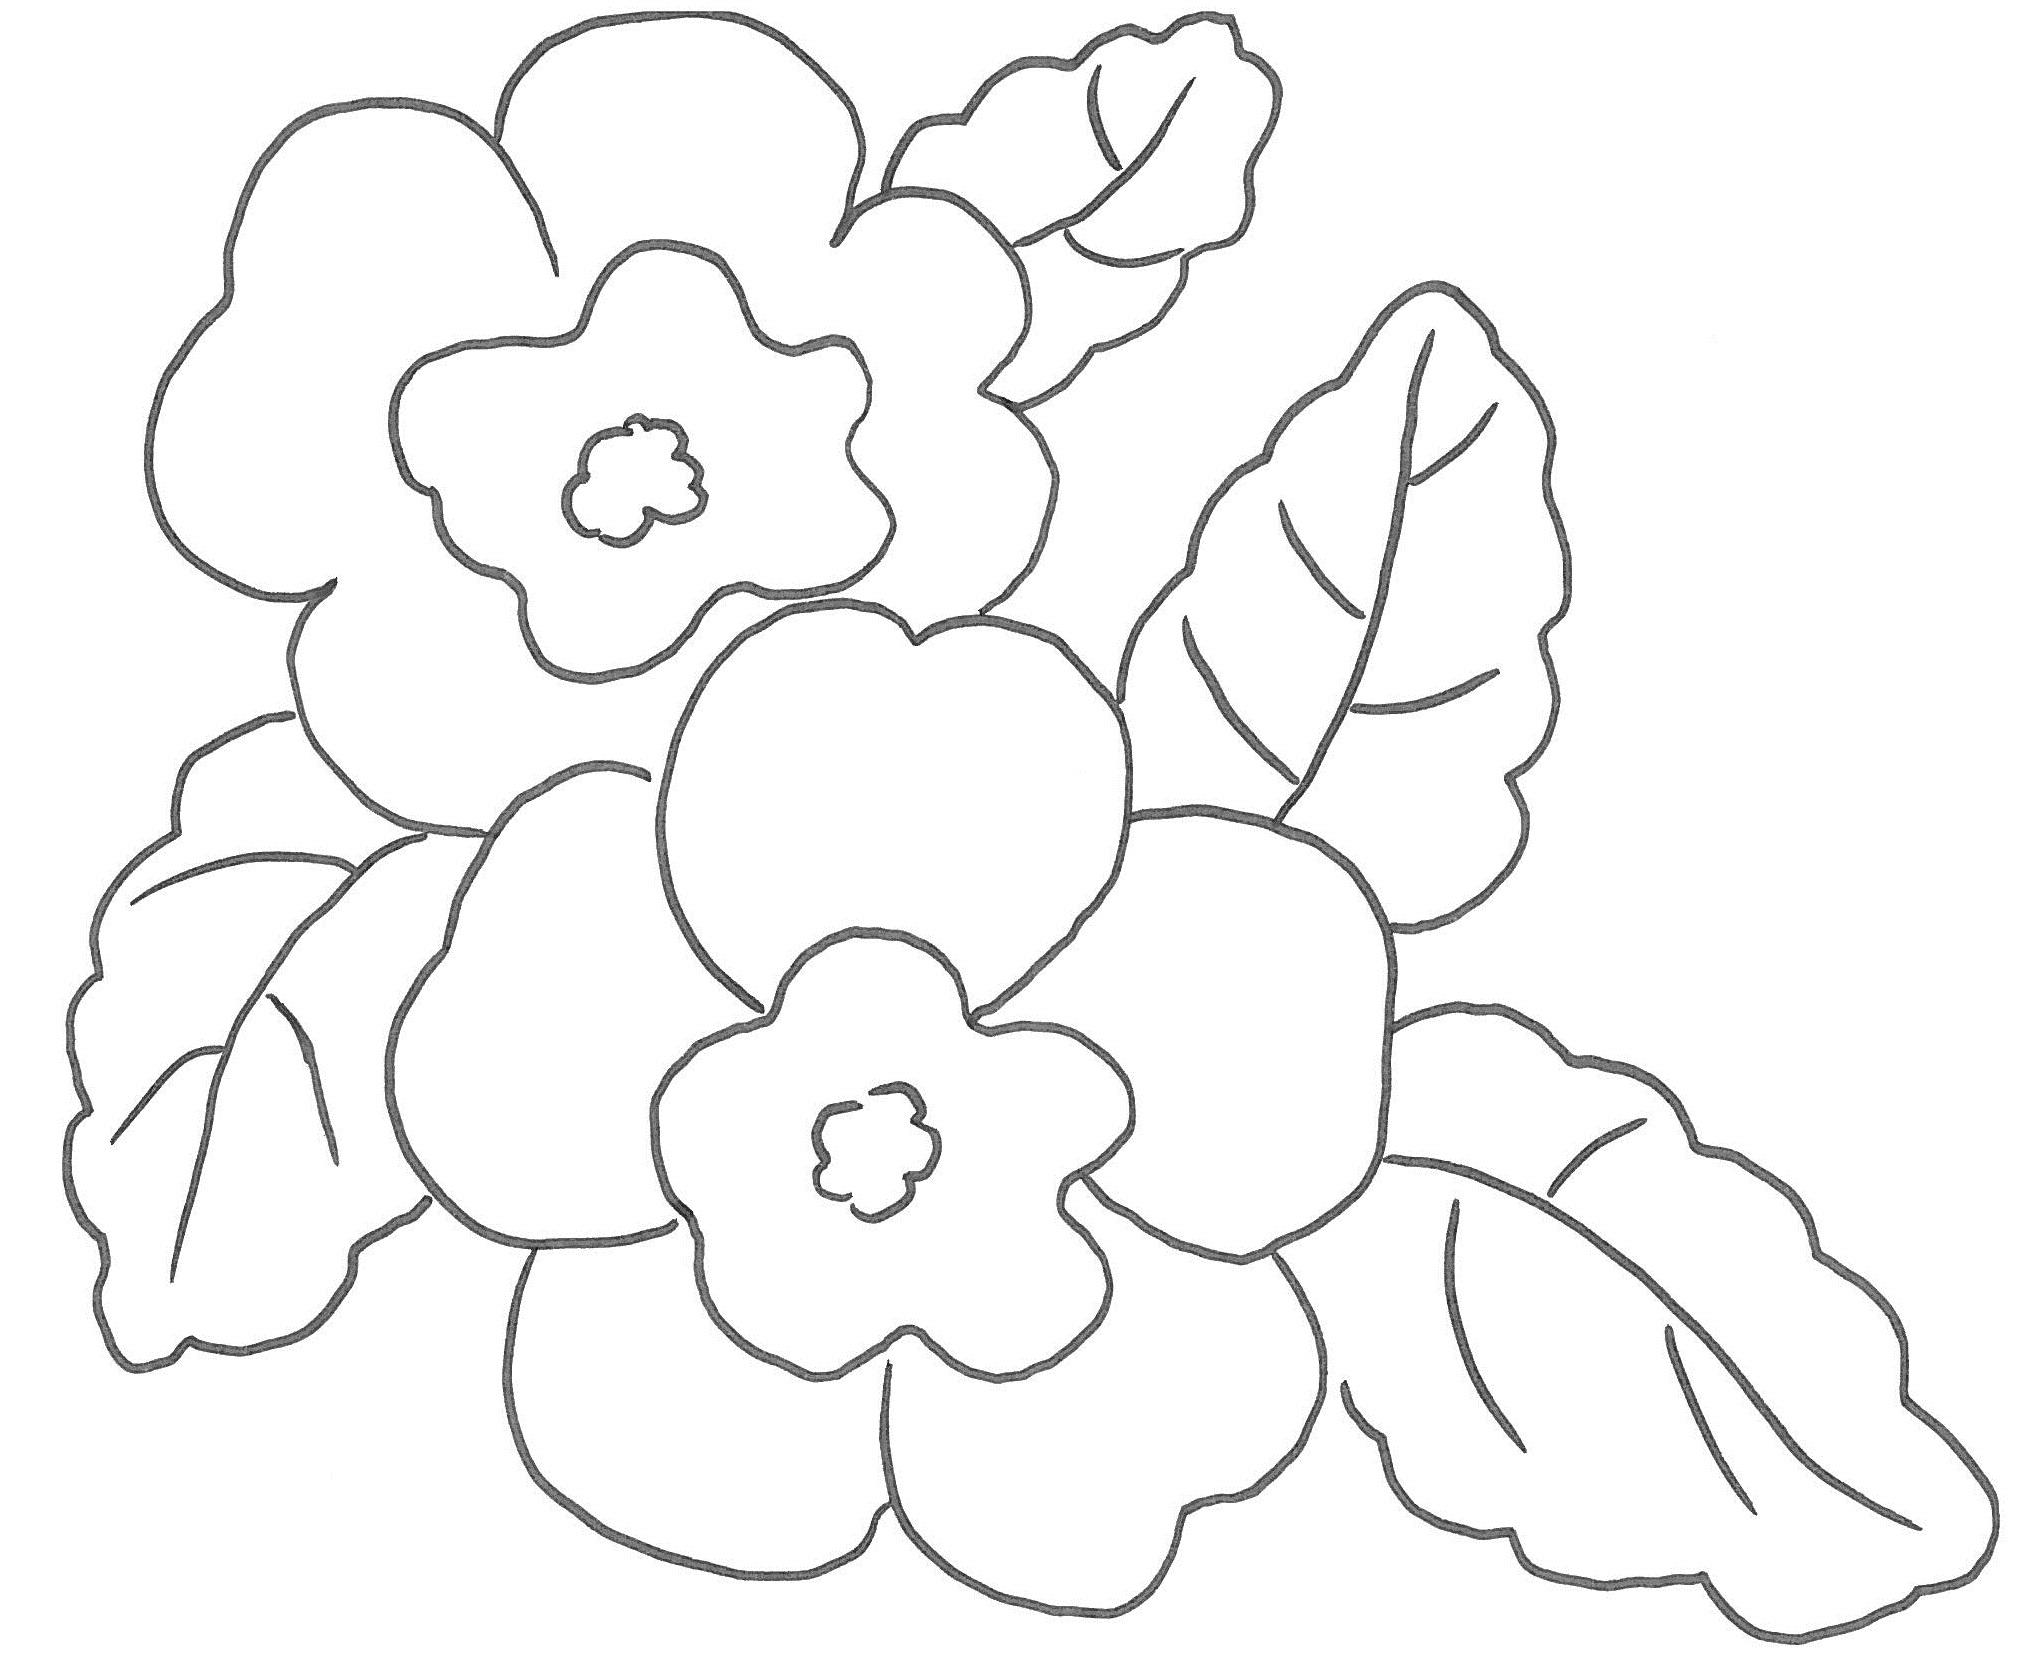 Cerchi disegni di fiori ecco qui primule bucaneve viole for Fiori da colorare e stampare